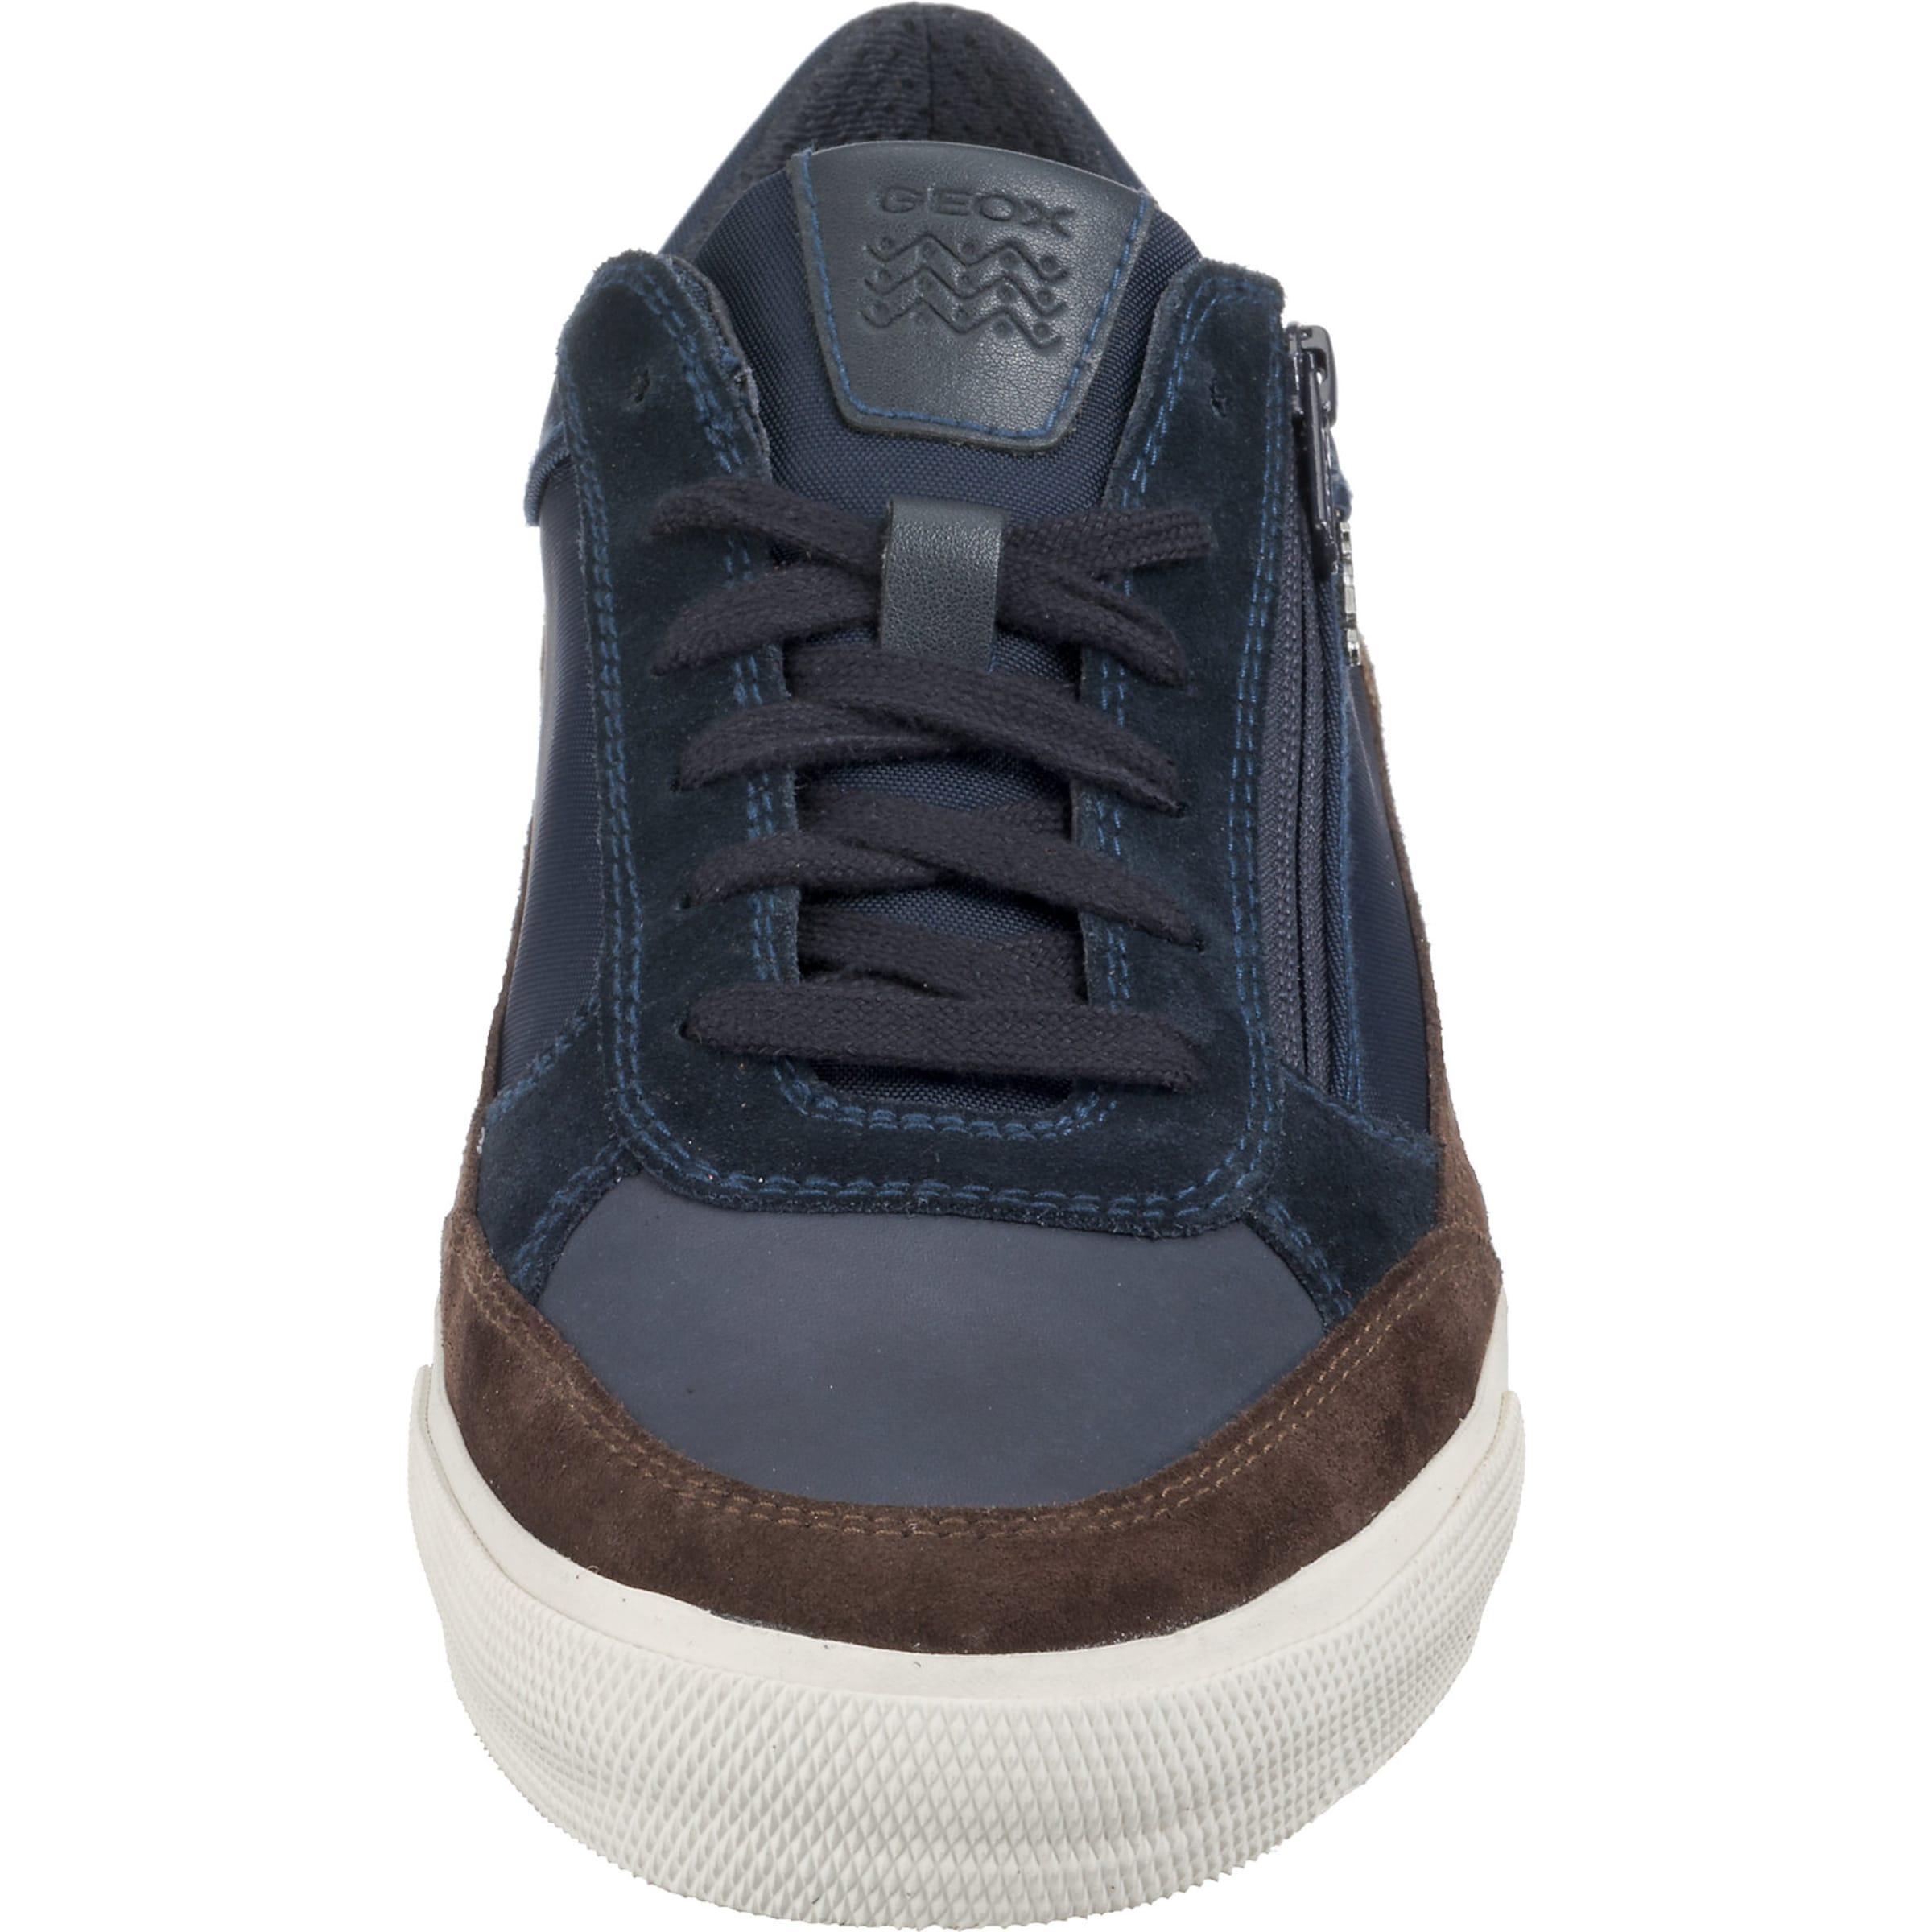 Geox Geox In Hellbraun DunkelblauKastanienbraun Sneakers Sneakers mwN80n